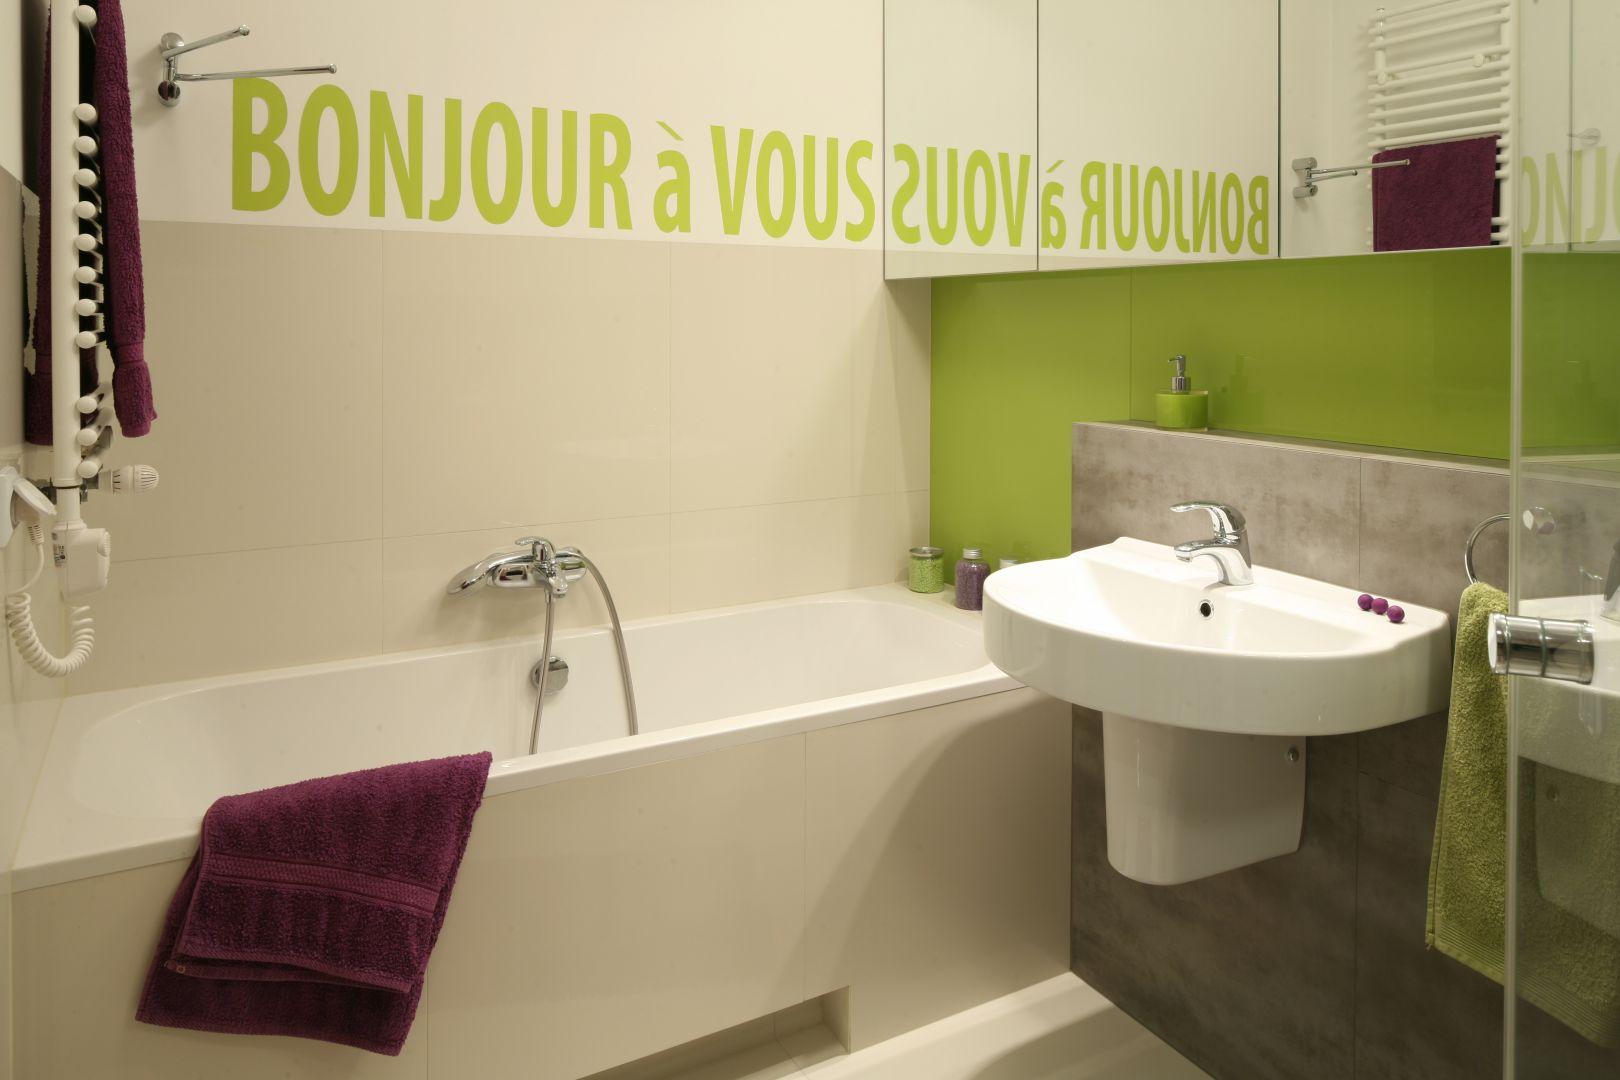 Fragmenty ścian pomalowano farbą w odcieniu seledynowym i fioletowym - pod kolor zostały dobrane także ręczniki. Proj. Marta Kruk . Fot. Bartosz Jarosz